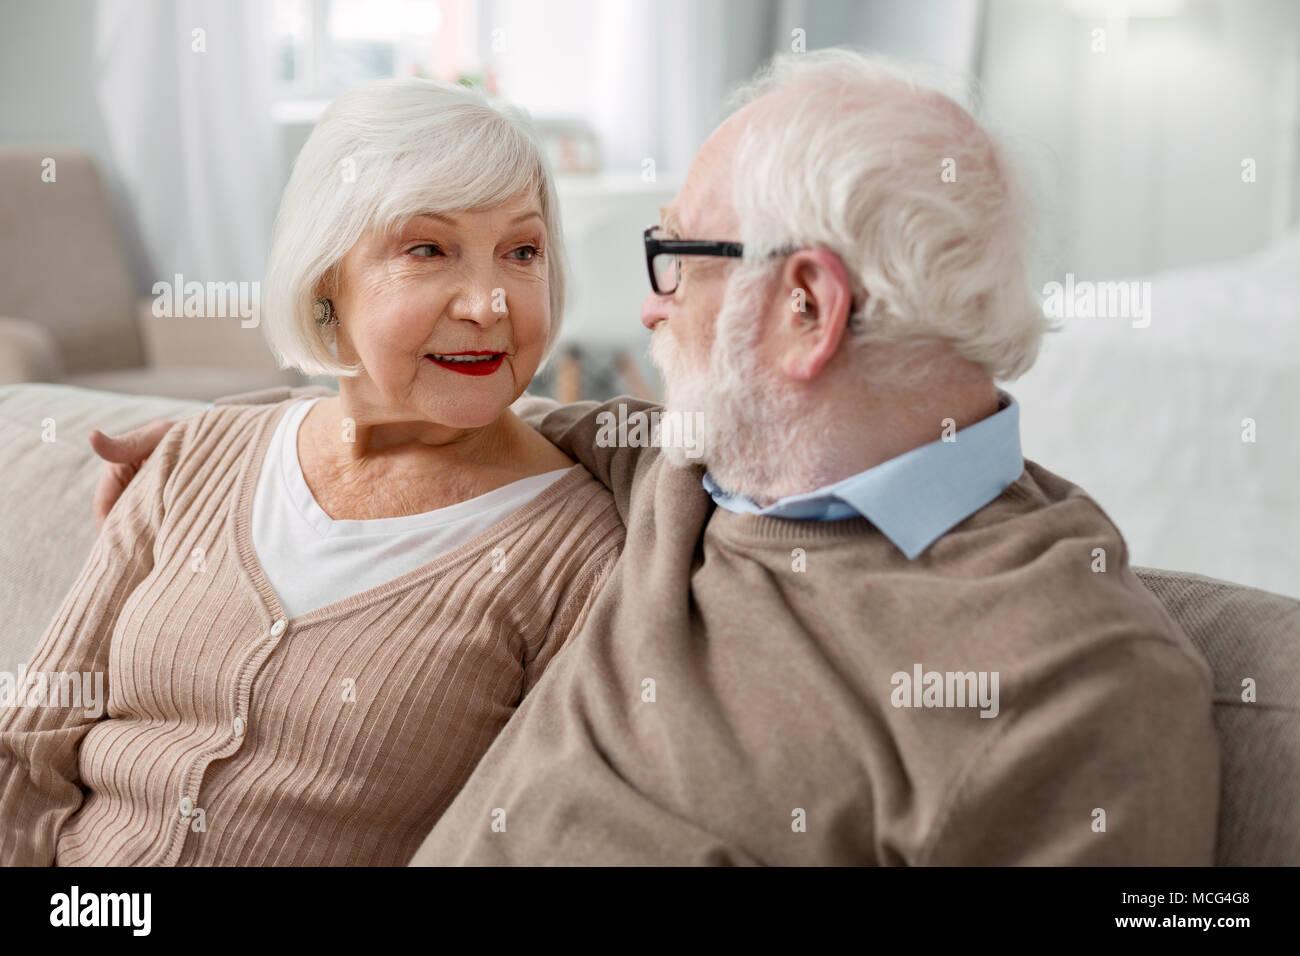 Nizza uomo invecchiato guardando la sua moglie Immagini Stock